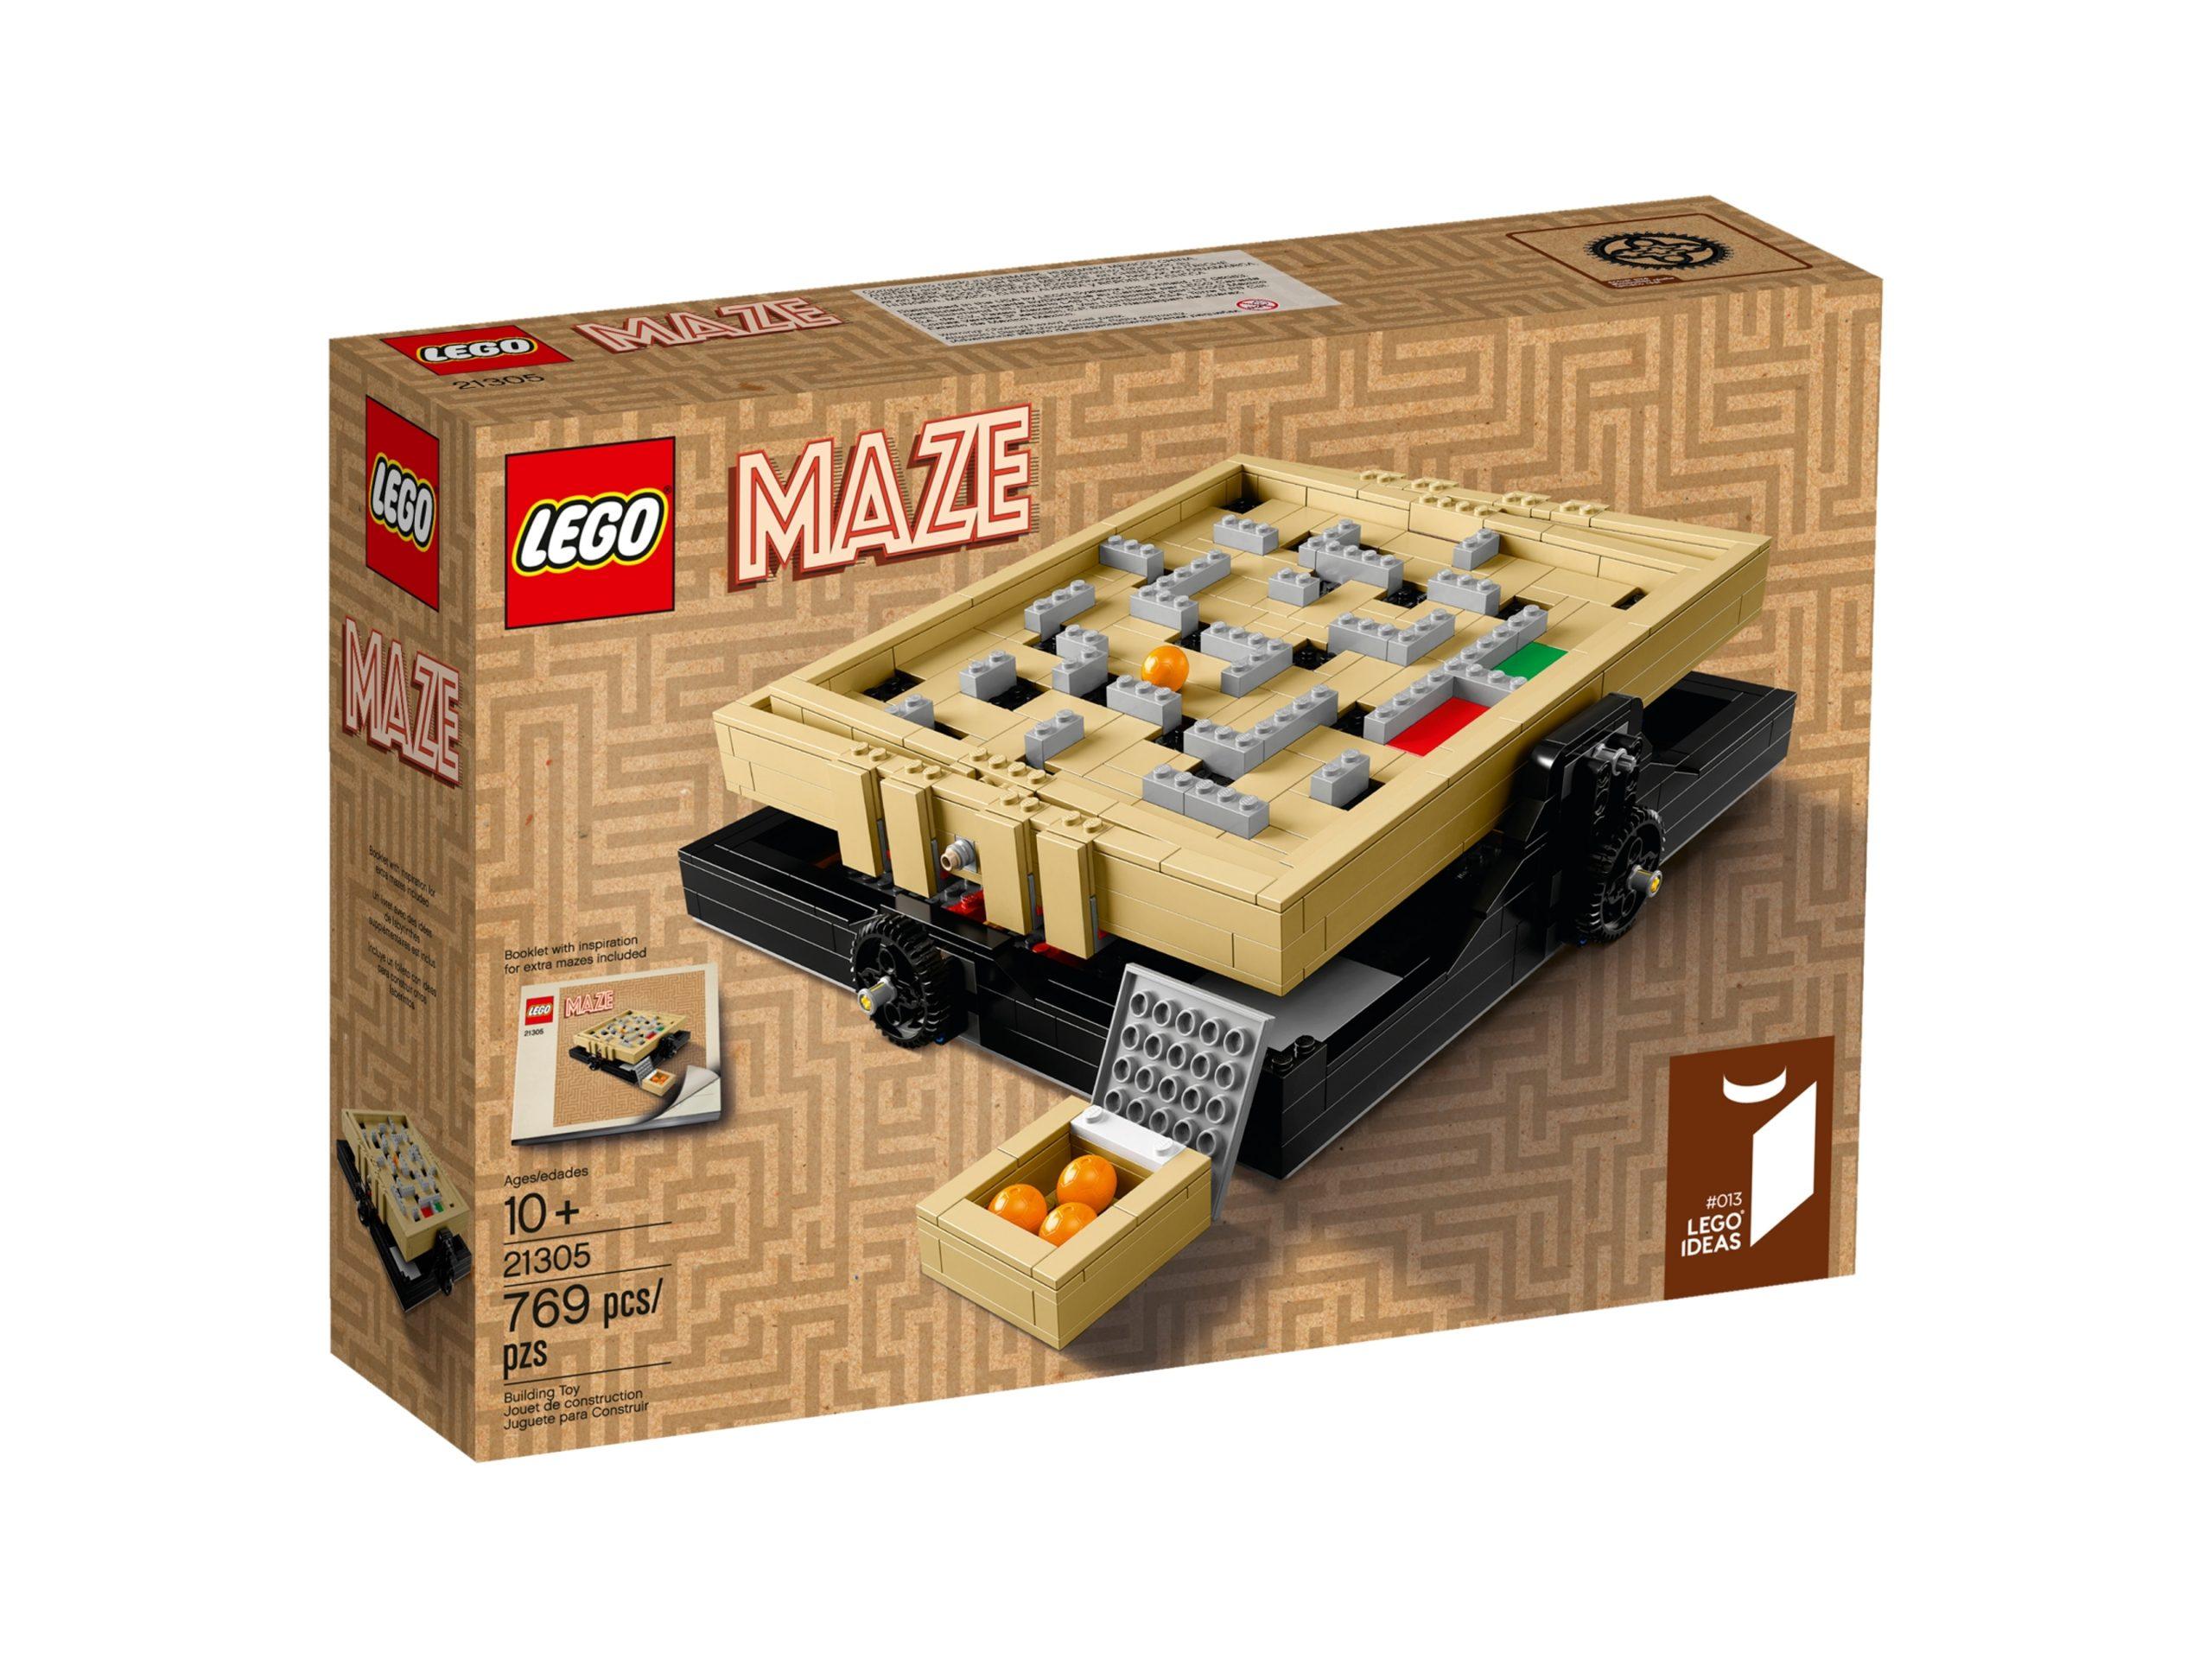 lego 21305 il labirinto scaled